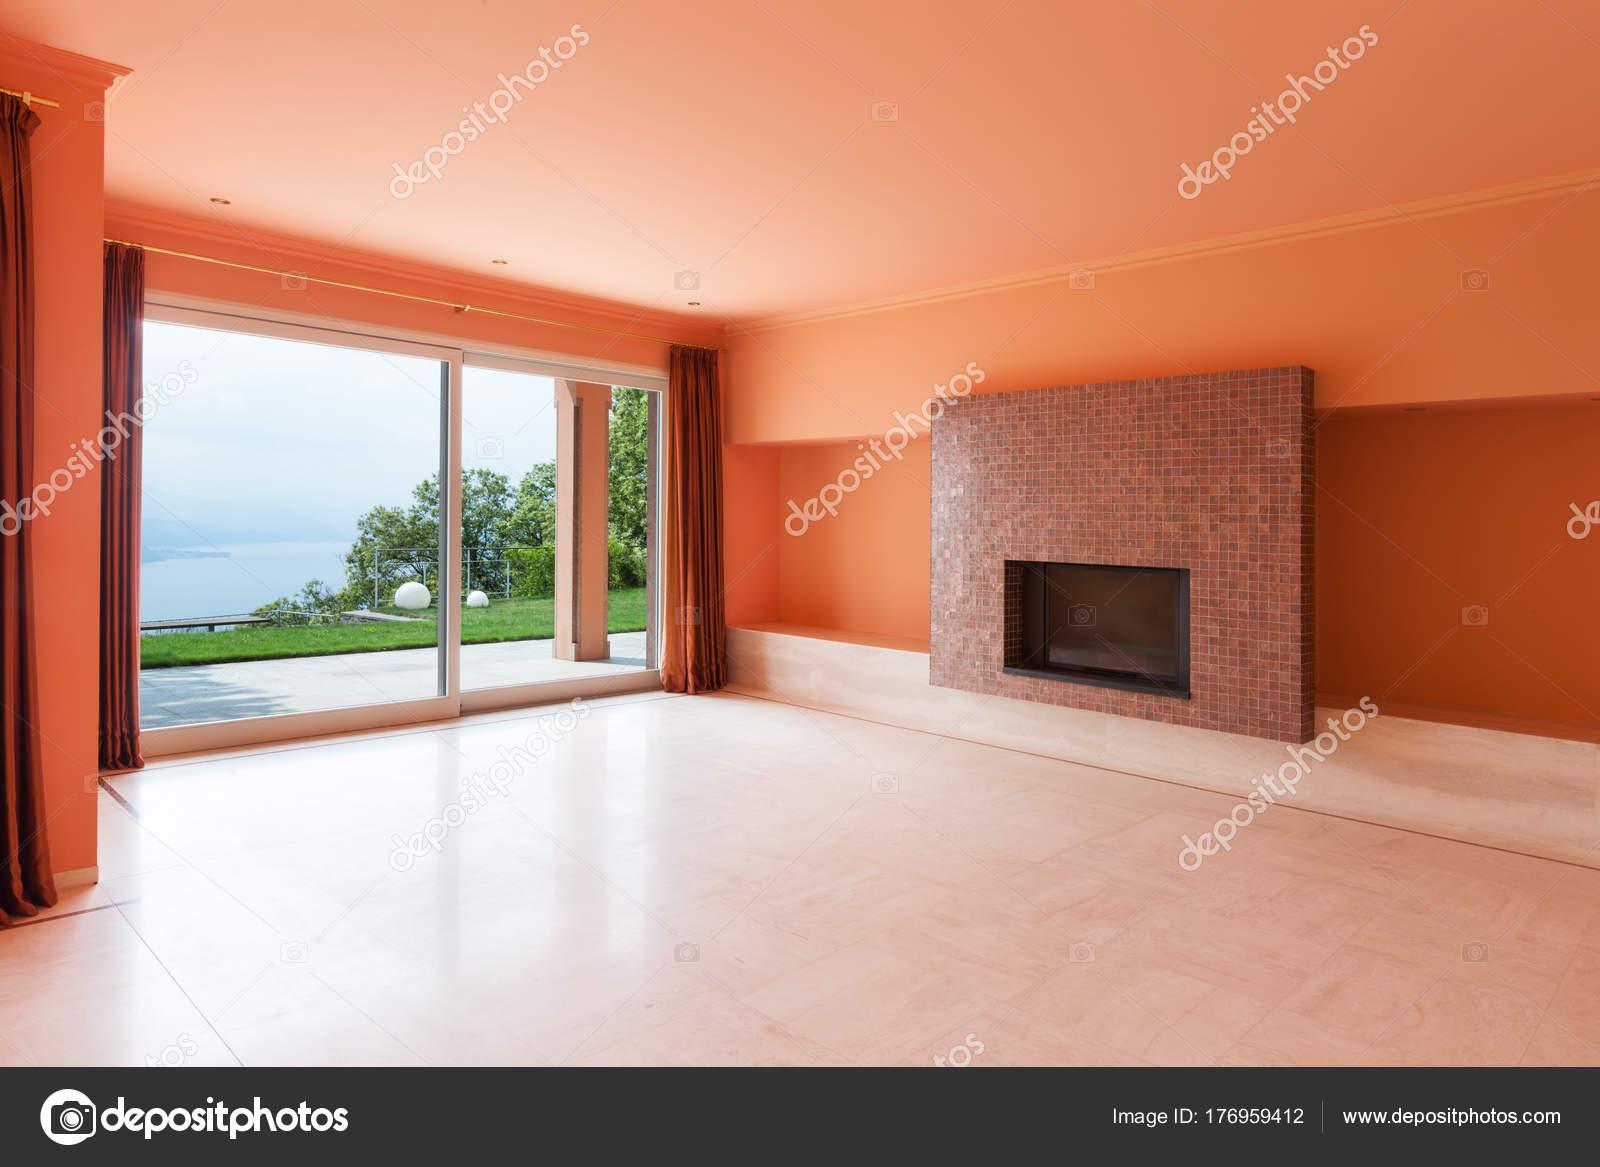 Interieur, Villa, leere Wohnzimmer — Stockfoto © Zveiger #176959412